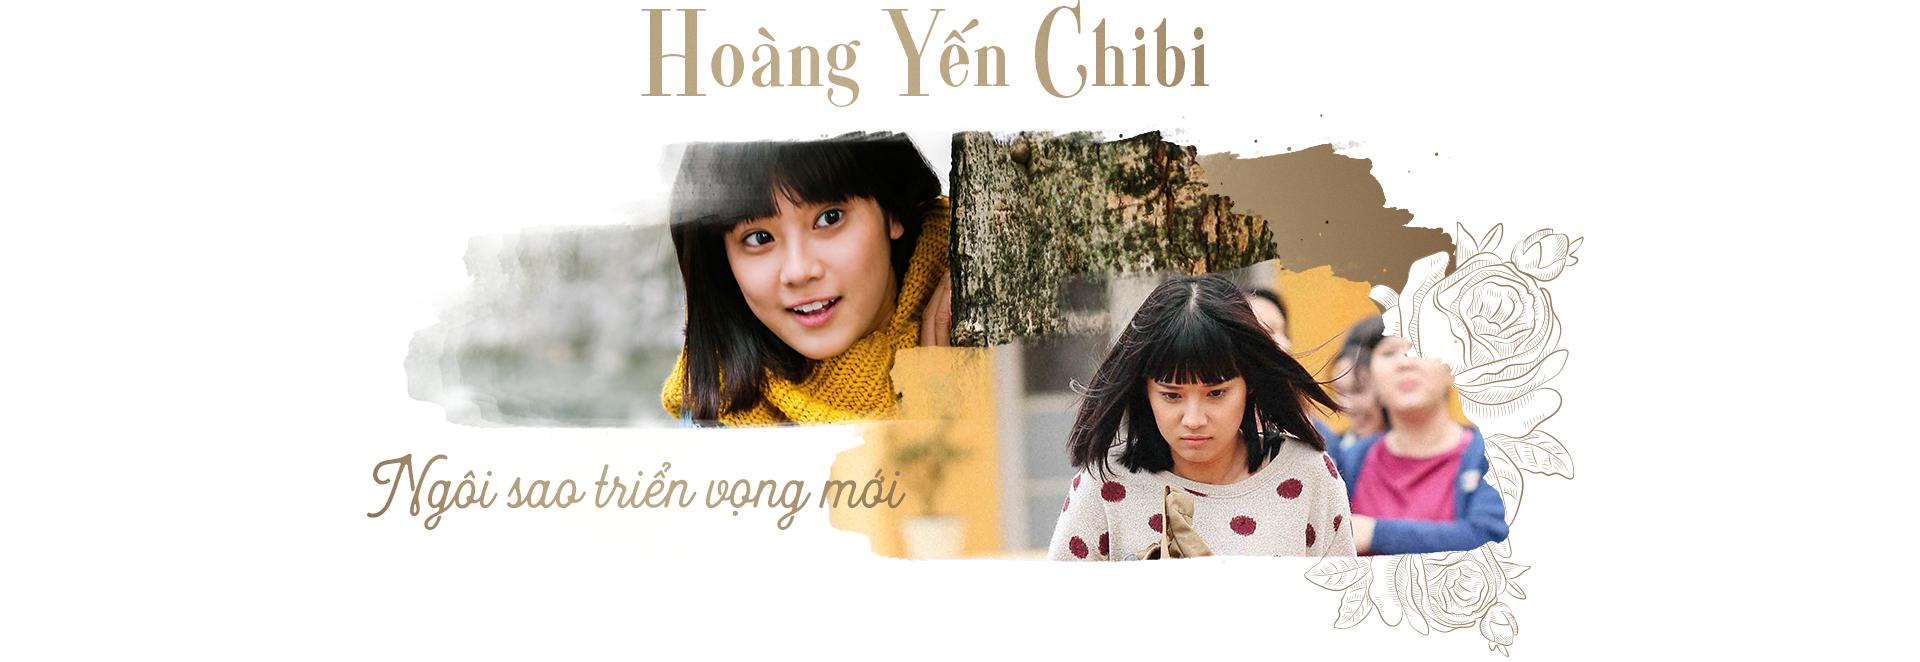 8-3 và những đoá hồng chất của điện ảnh Việt - Ảnh 14.